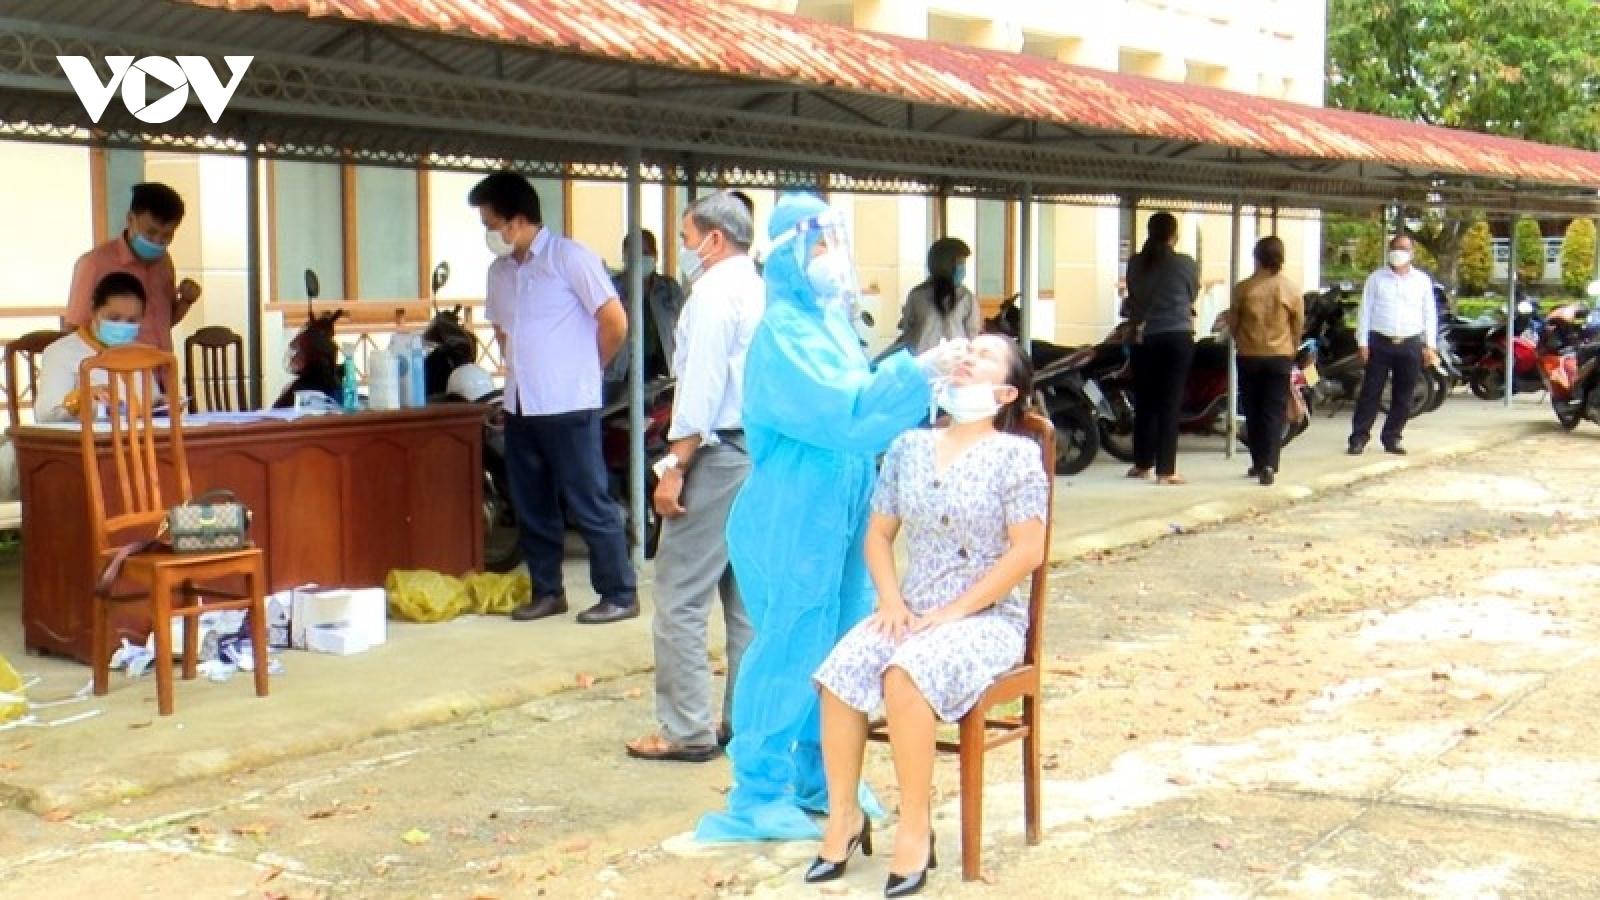 Huyện Phước Sơn, Quảng Nam ghi nhận nhiều ca mắc Covid-19